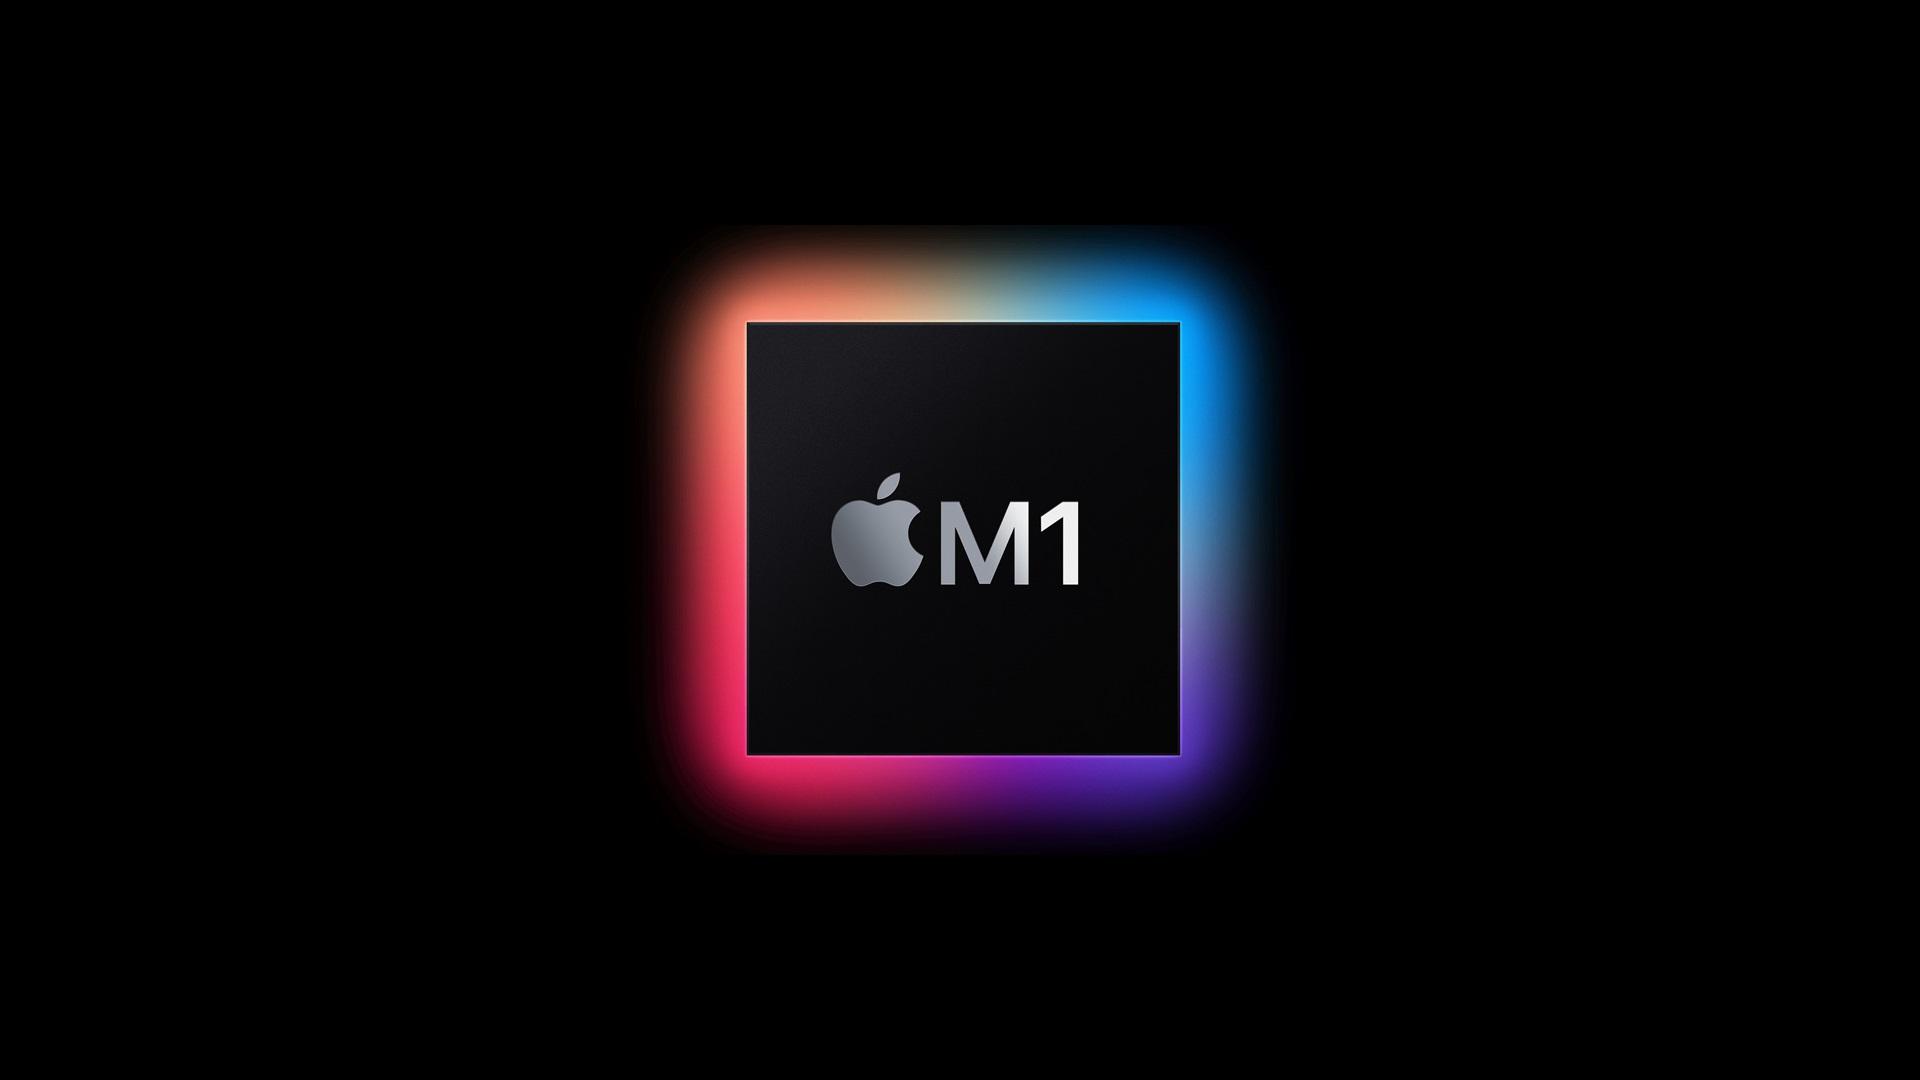 Dostawy procesorów Apple zostaną zmniejszone z powodu niedoboru komponentów